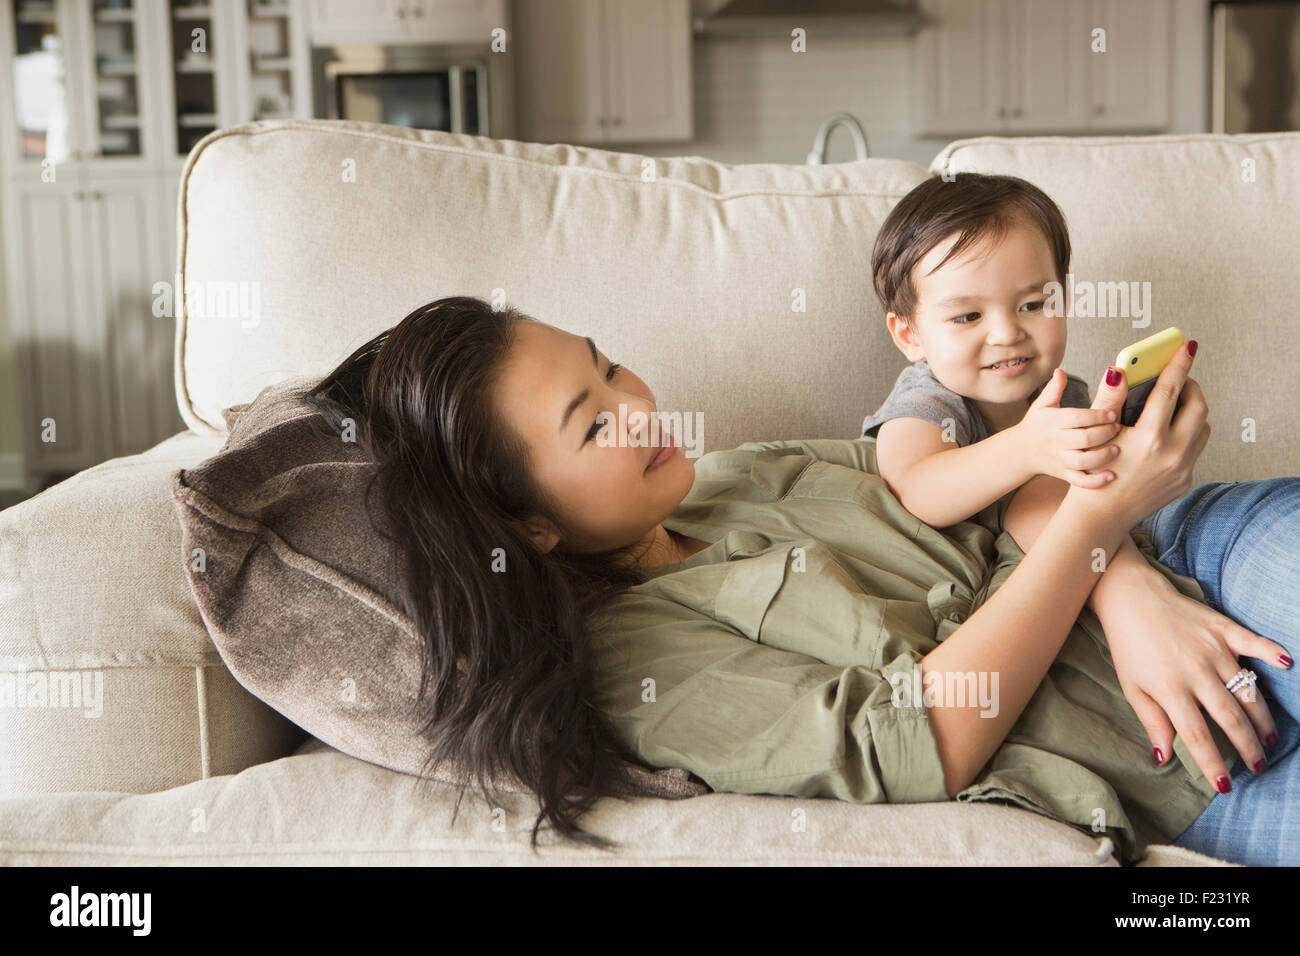 Femme allongée sur un canapé, smiling, câlins avec son jeune fils et à la recherche à un téléphone cellulaire. Banque D'Images